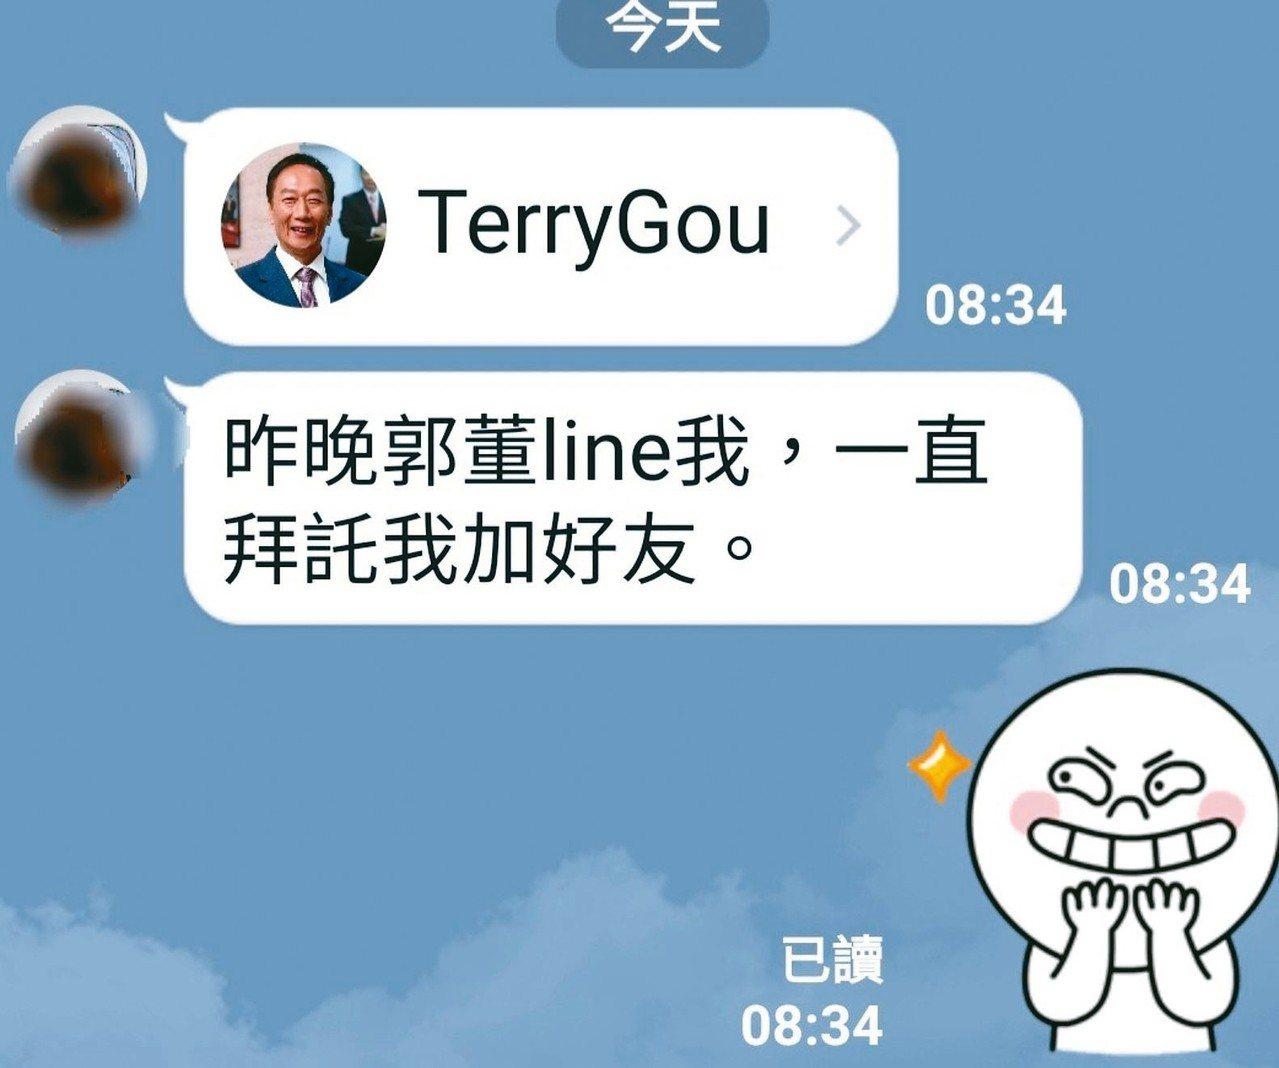 鴻海集團總裁郭台銘LINE帳號昨開張,台中市很多人轉傳郭的「加好友」訊息,一起當...